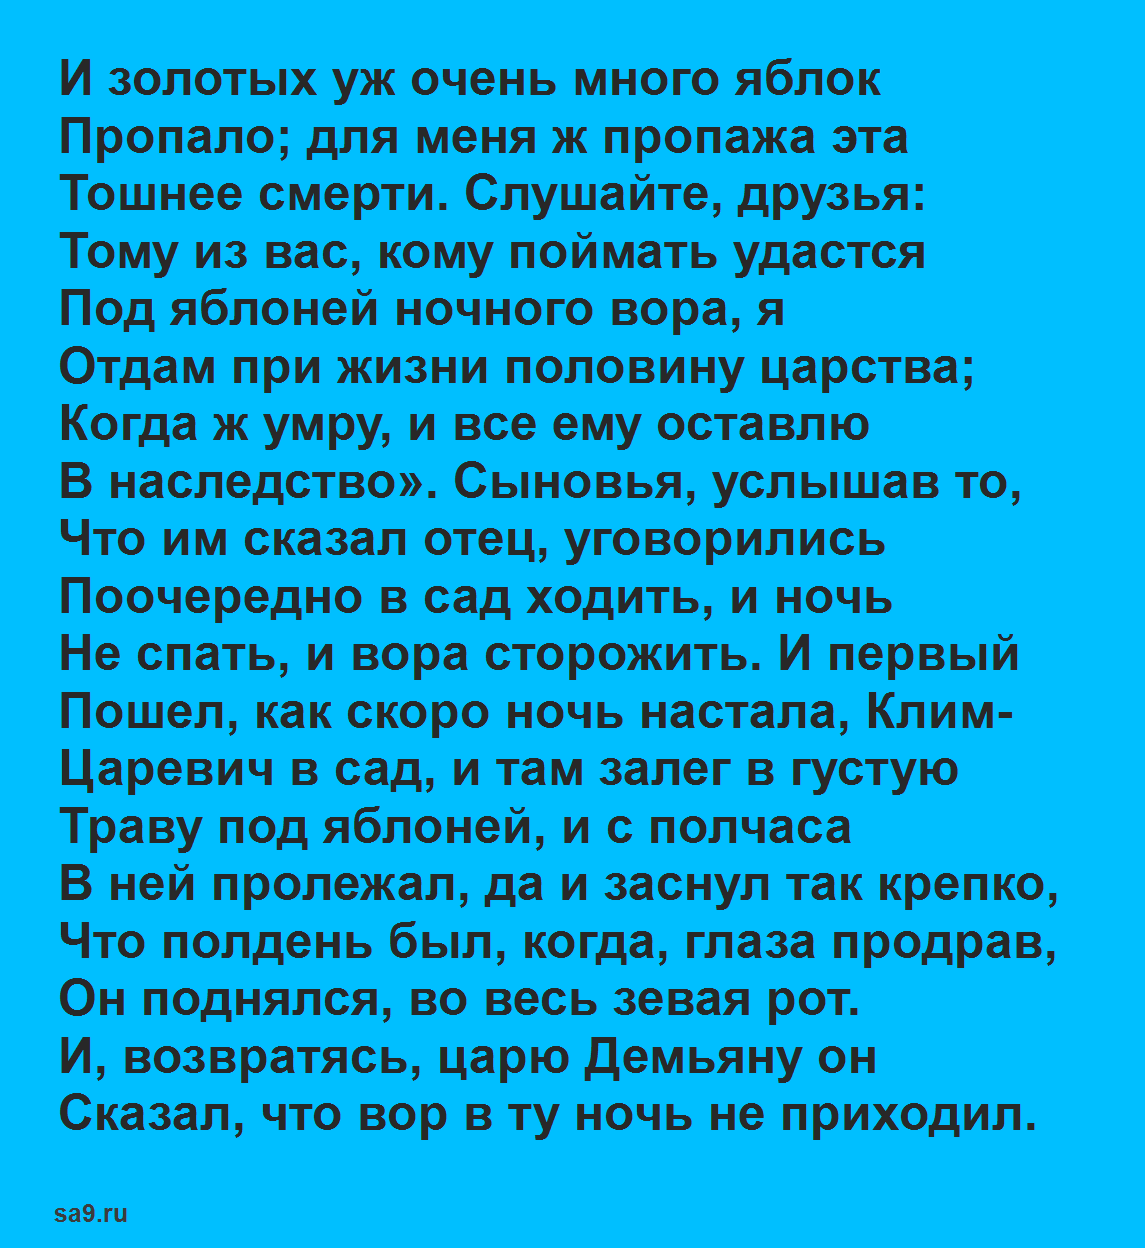 Читать сказку - Иван царевич и серый волк